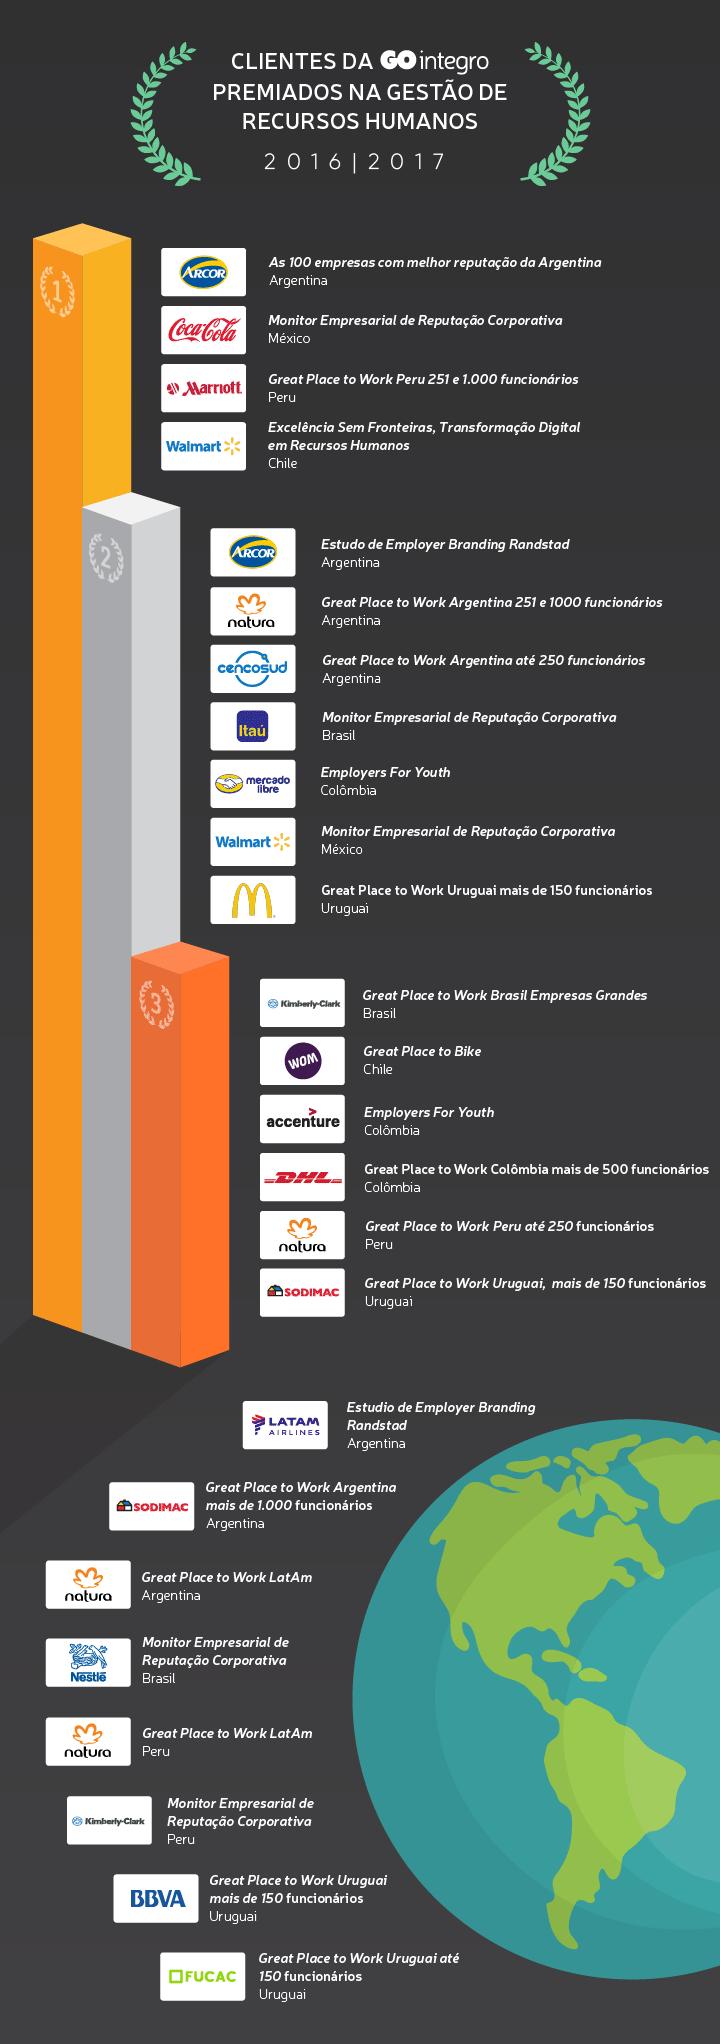 infografia-clientes-pt.png